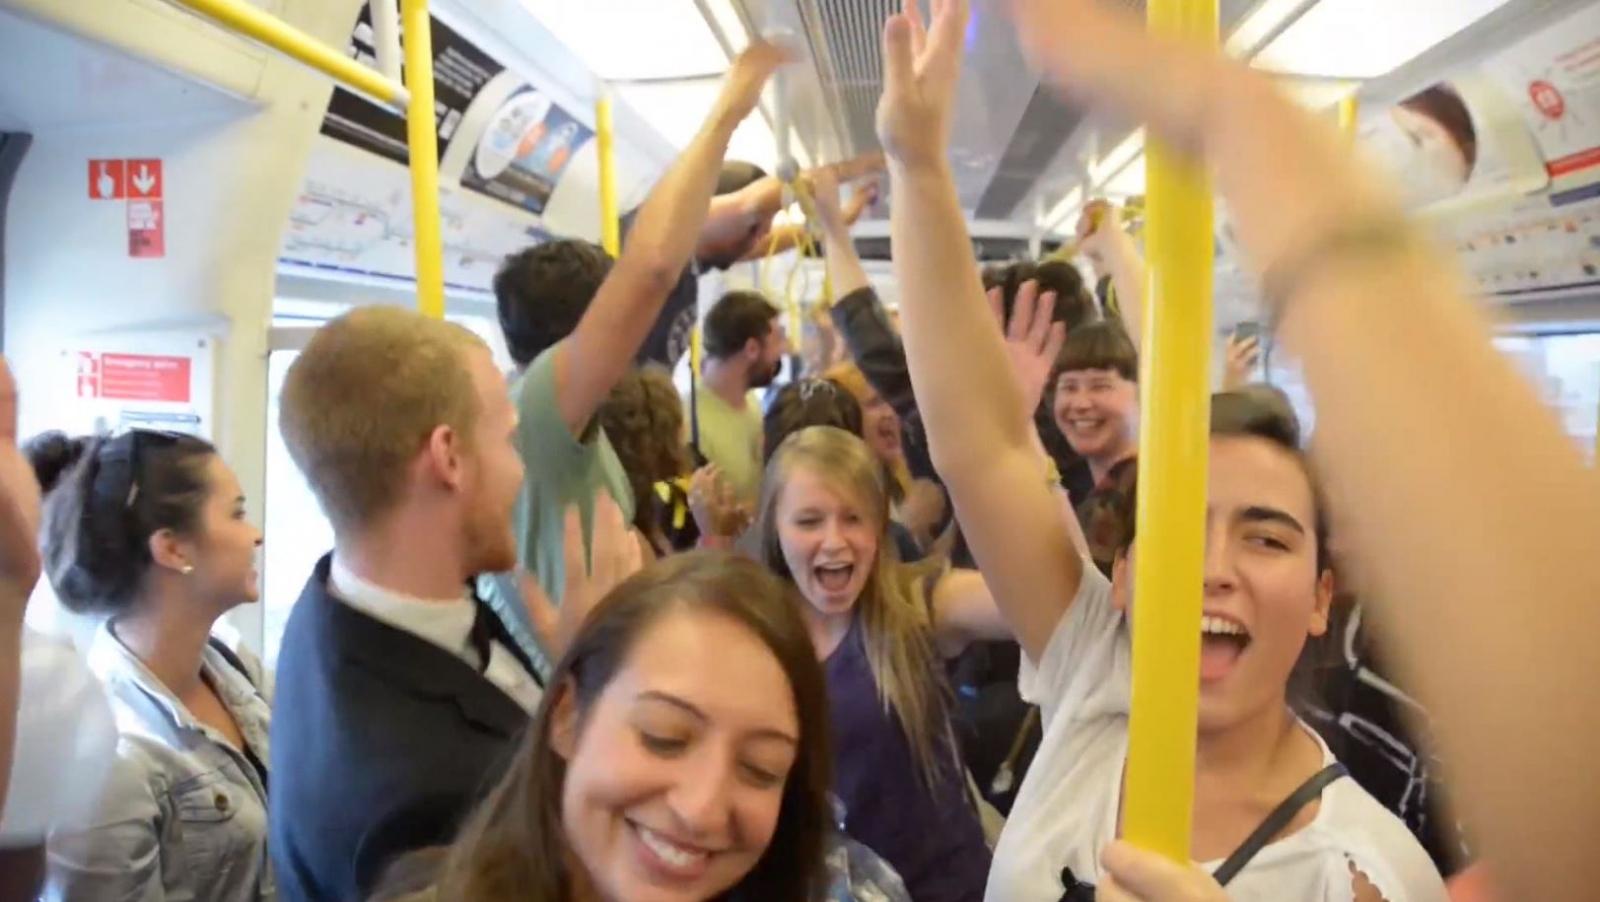 London Underground dance party